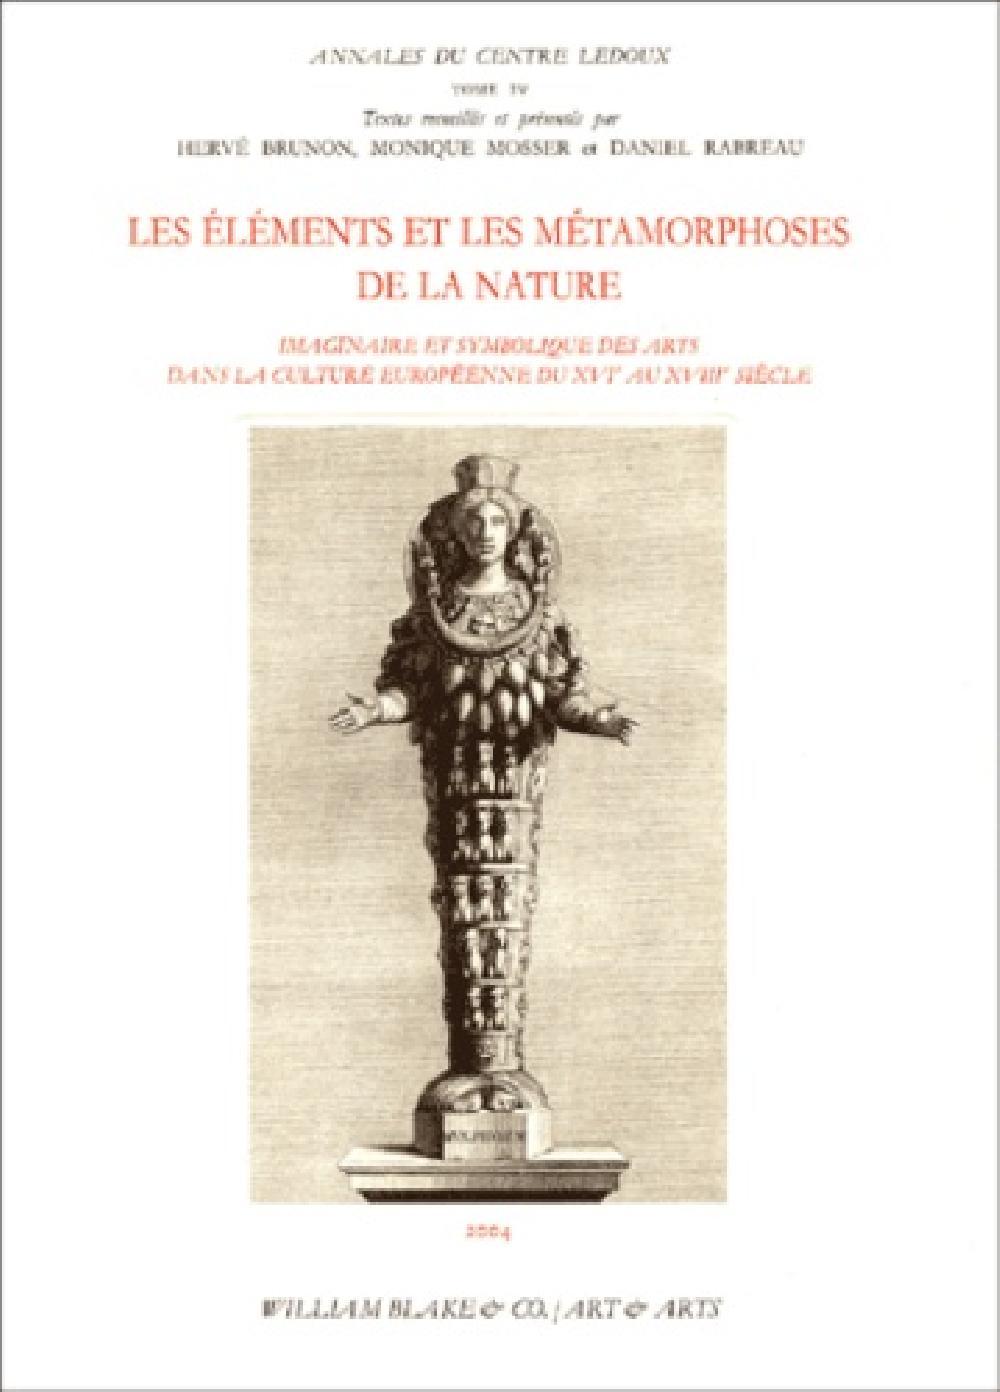 Les éléments et les métamorphoses de la nature - Imaginaire et symbolique des arts dans la culture e